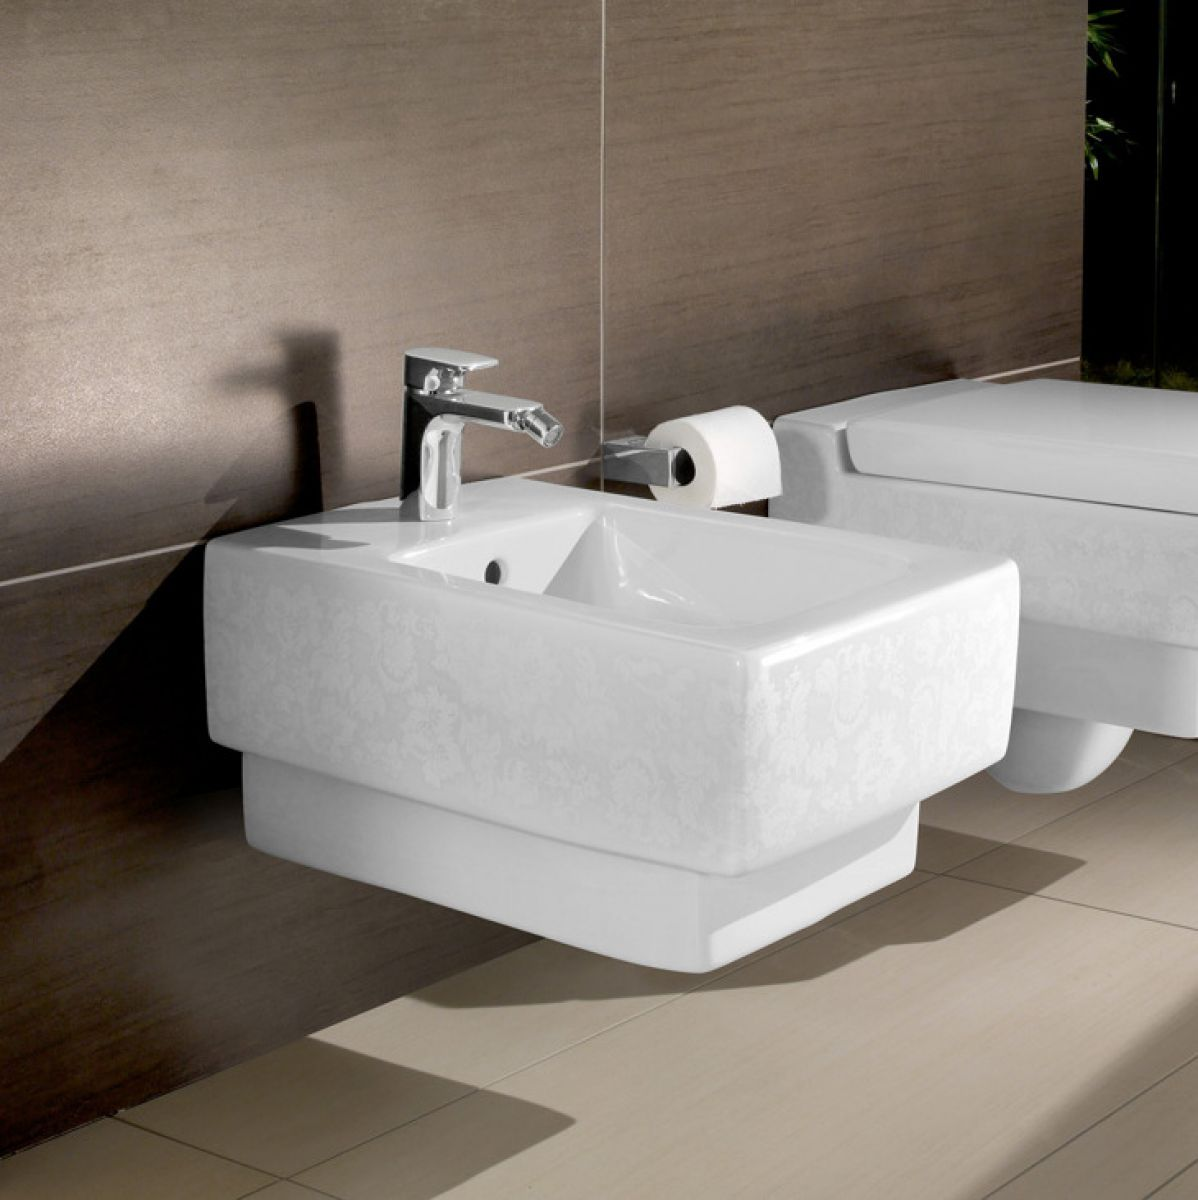 villeroy boch memento bidet uk bathrooms. Black Bedroom Furniture Sets. Home Design Ideas